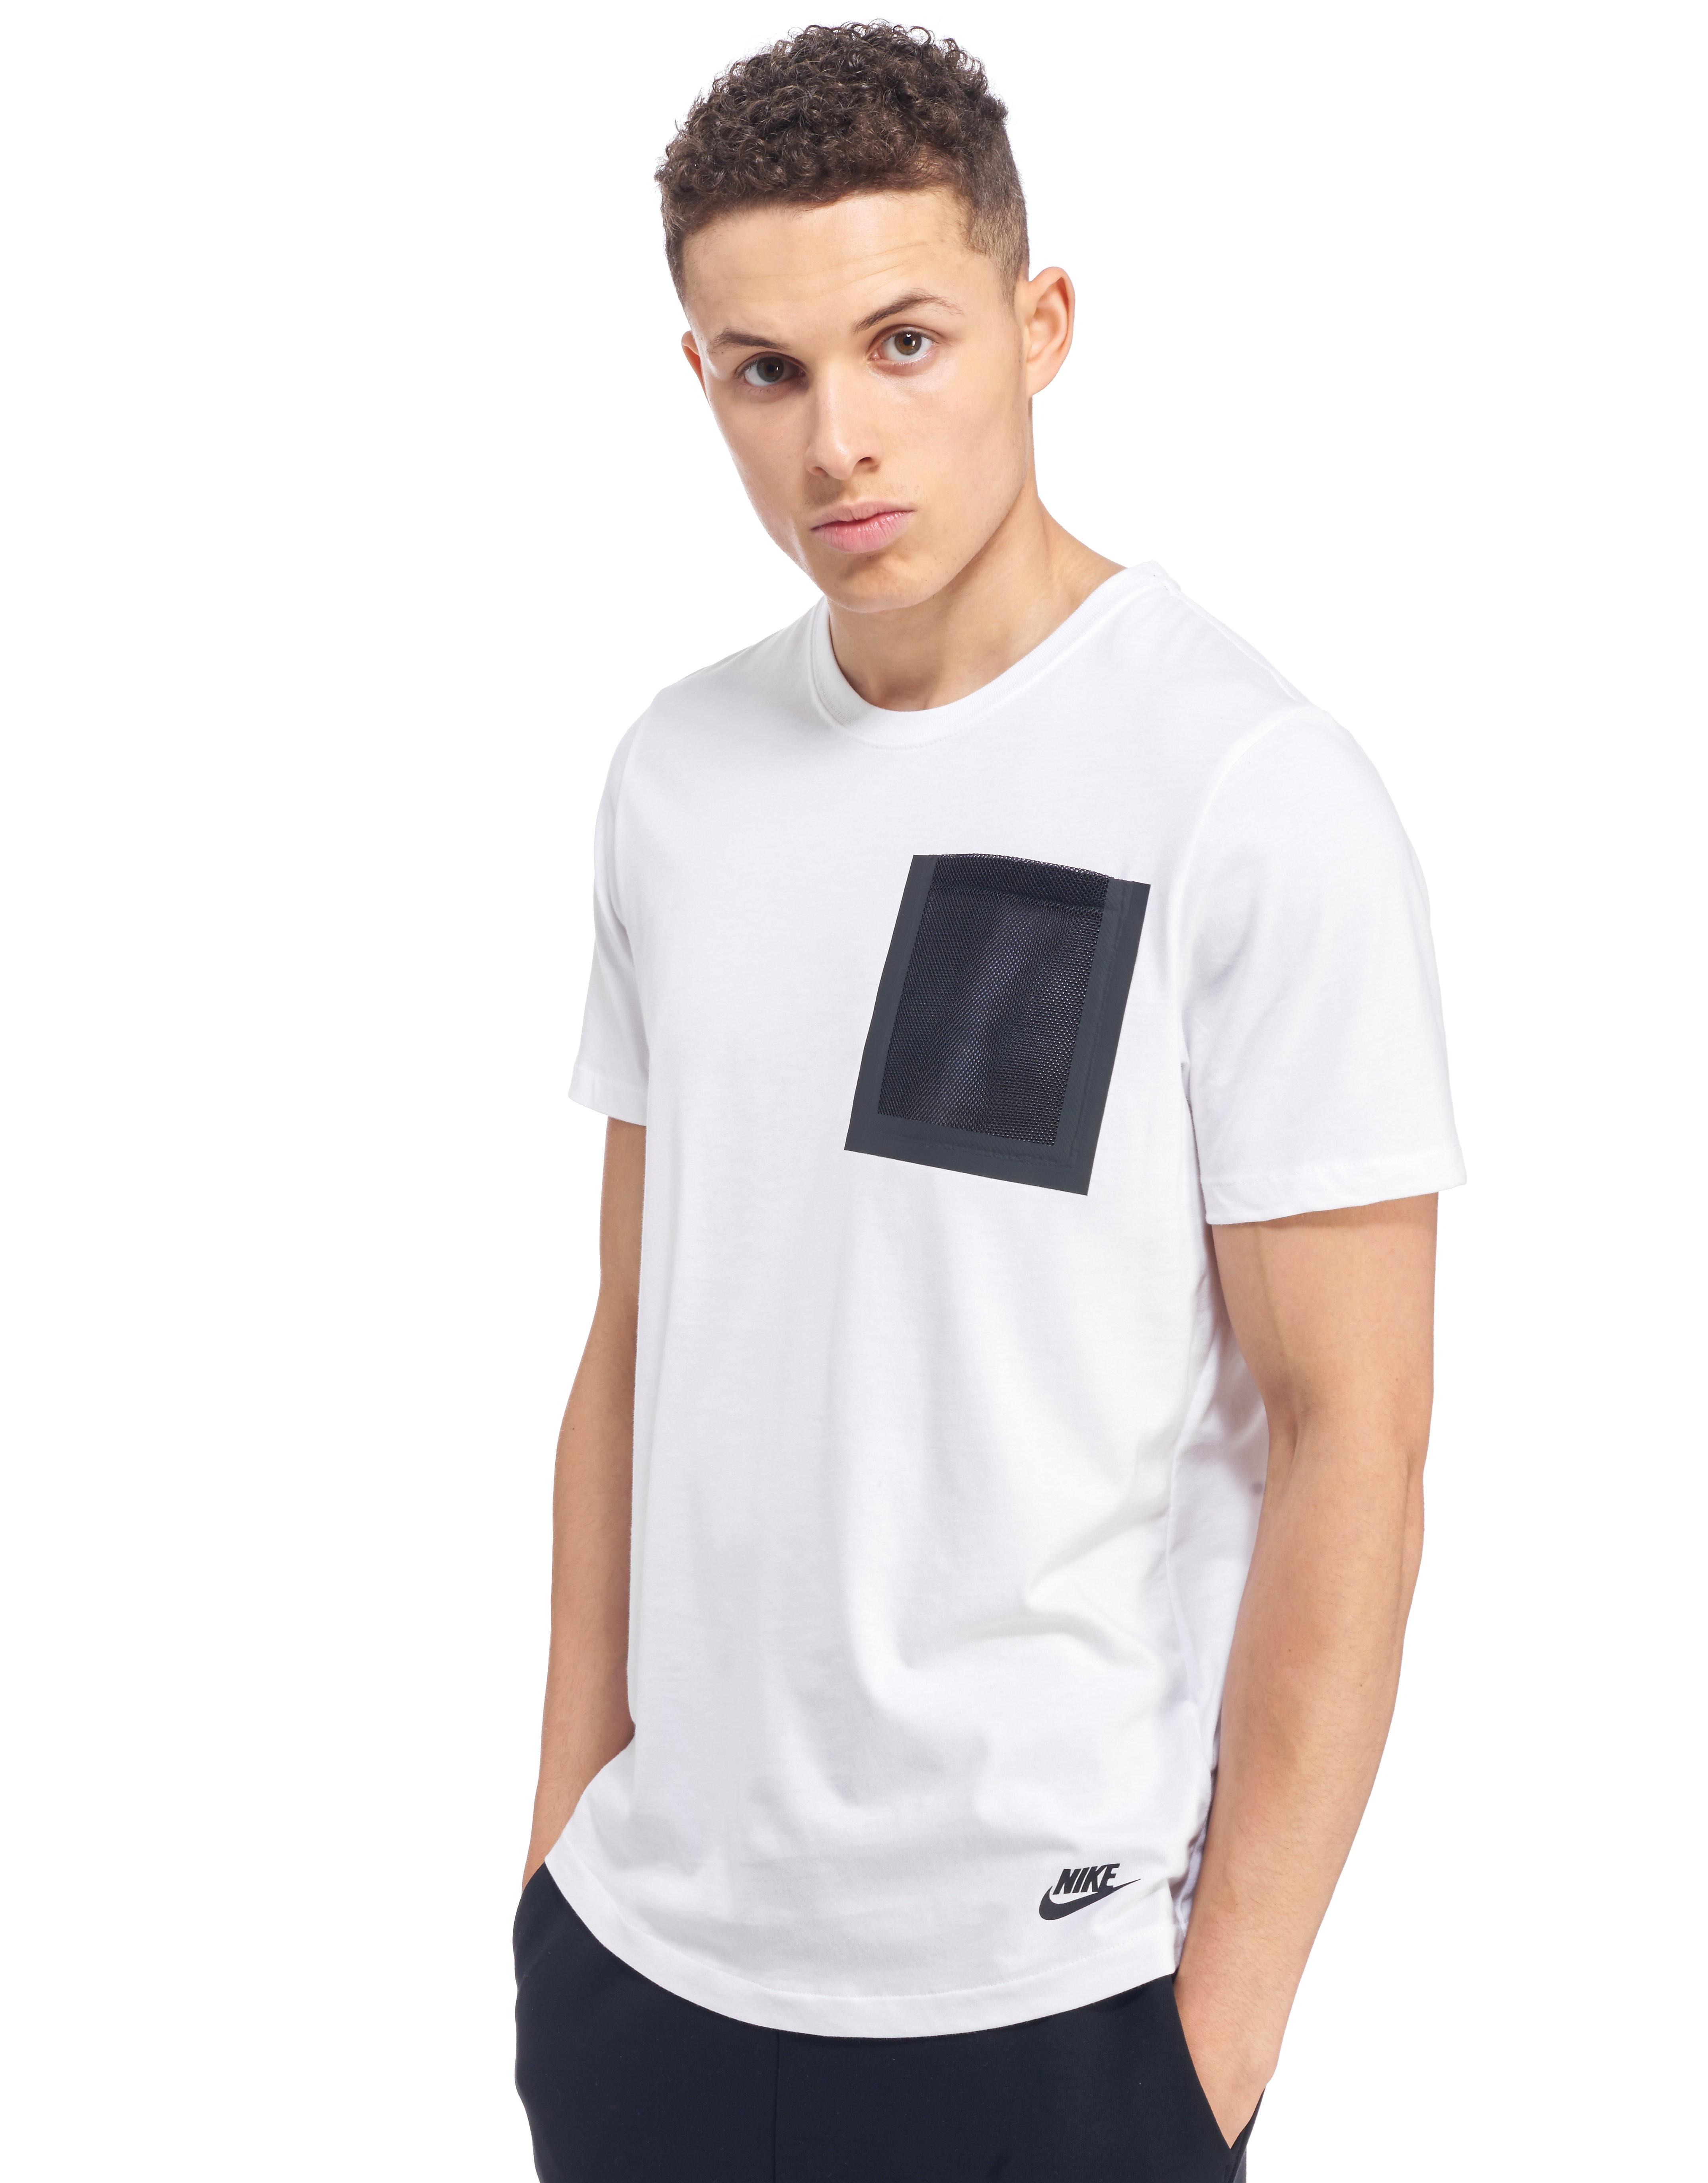 Nike T-shirt i Tech Hypermesh med lomme